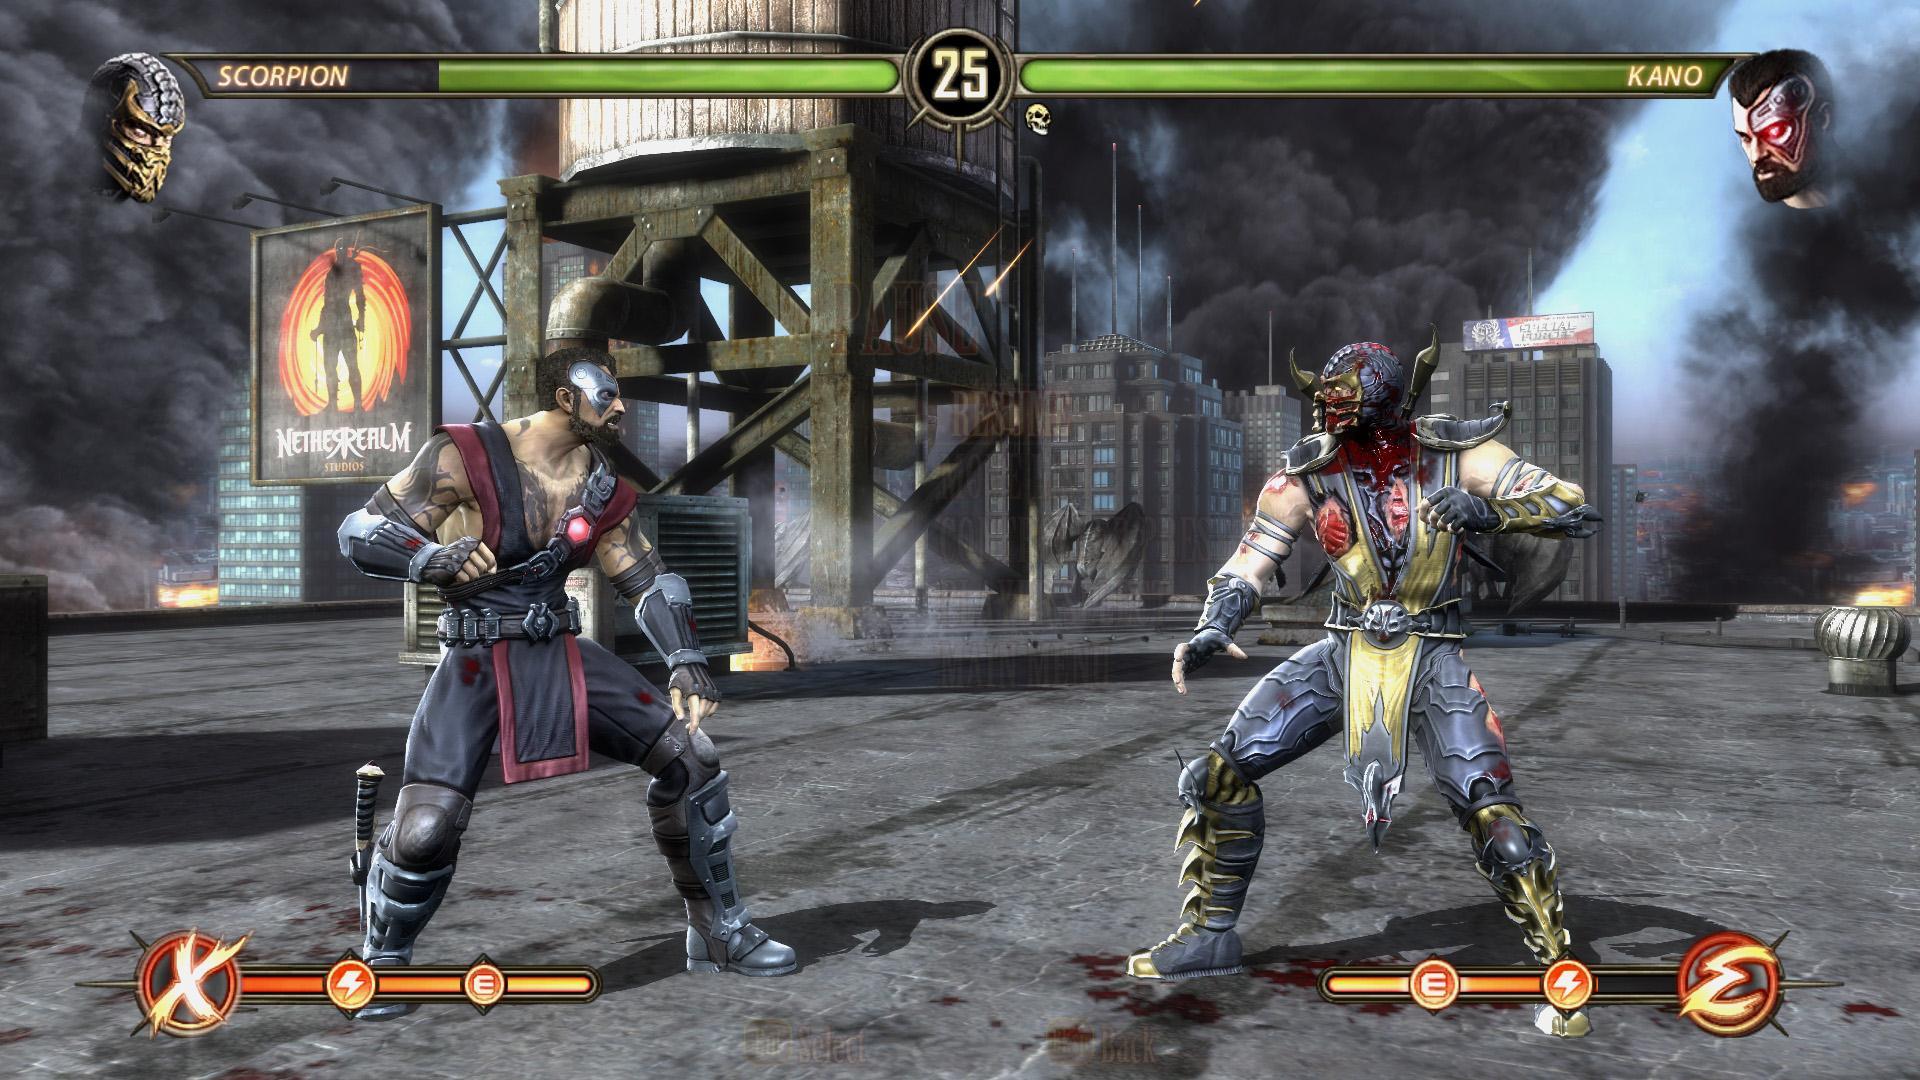 Mortal kombat 9 на pc скачать торрент механики.